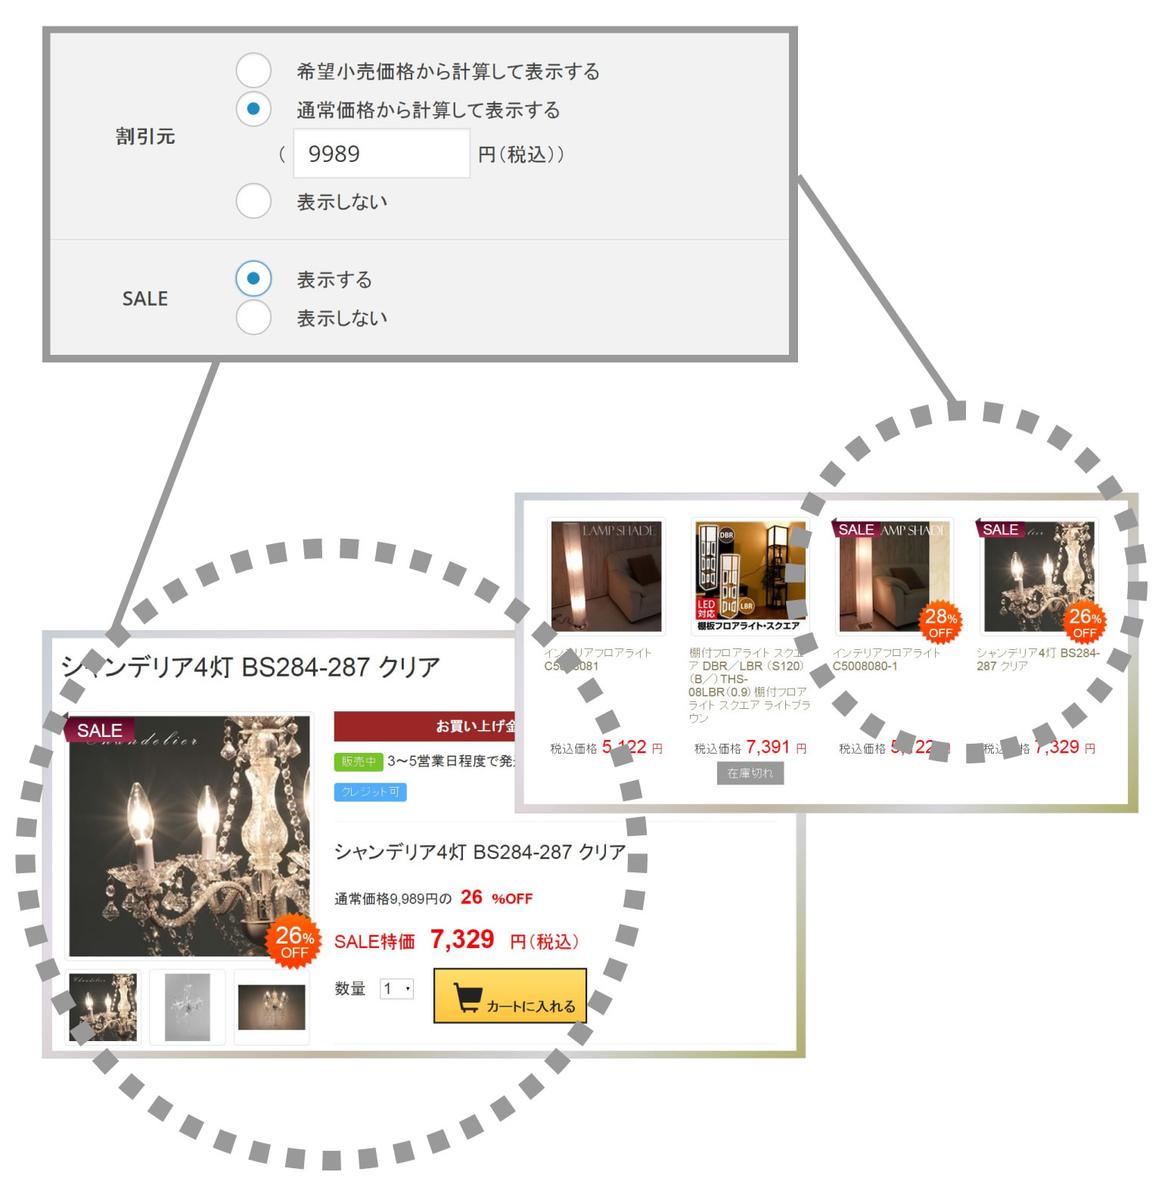 f:id:yumeji773:20190804144008j:plain